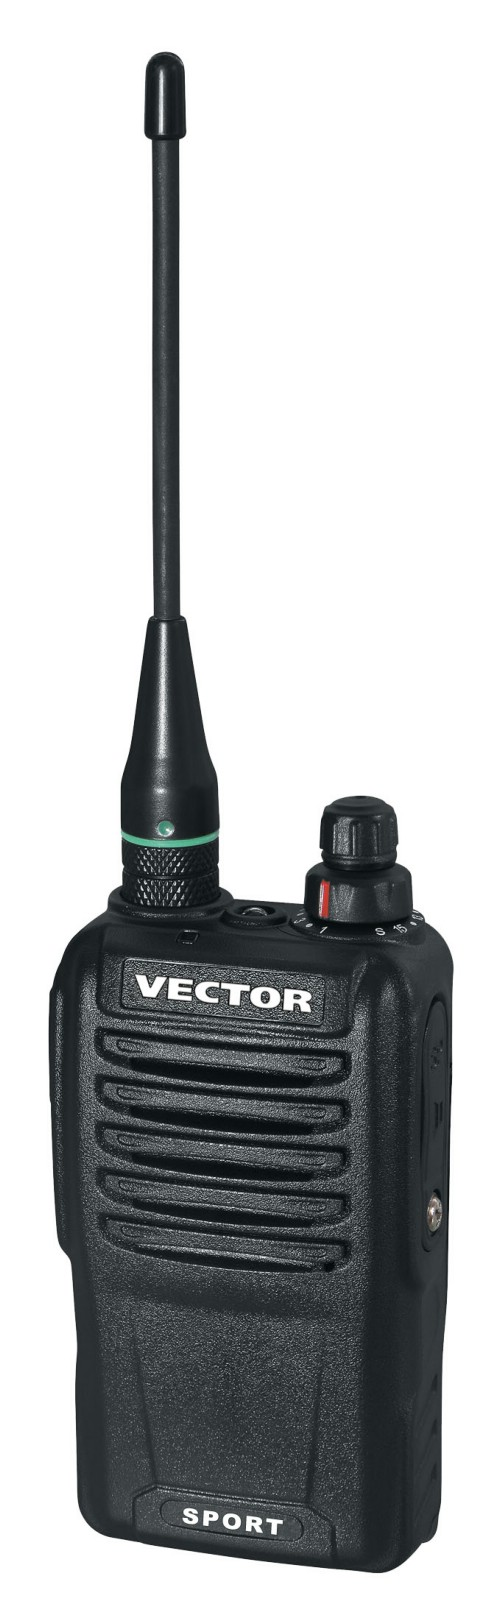 Радиостанция Vector VT-47 Sport